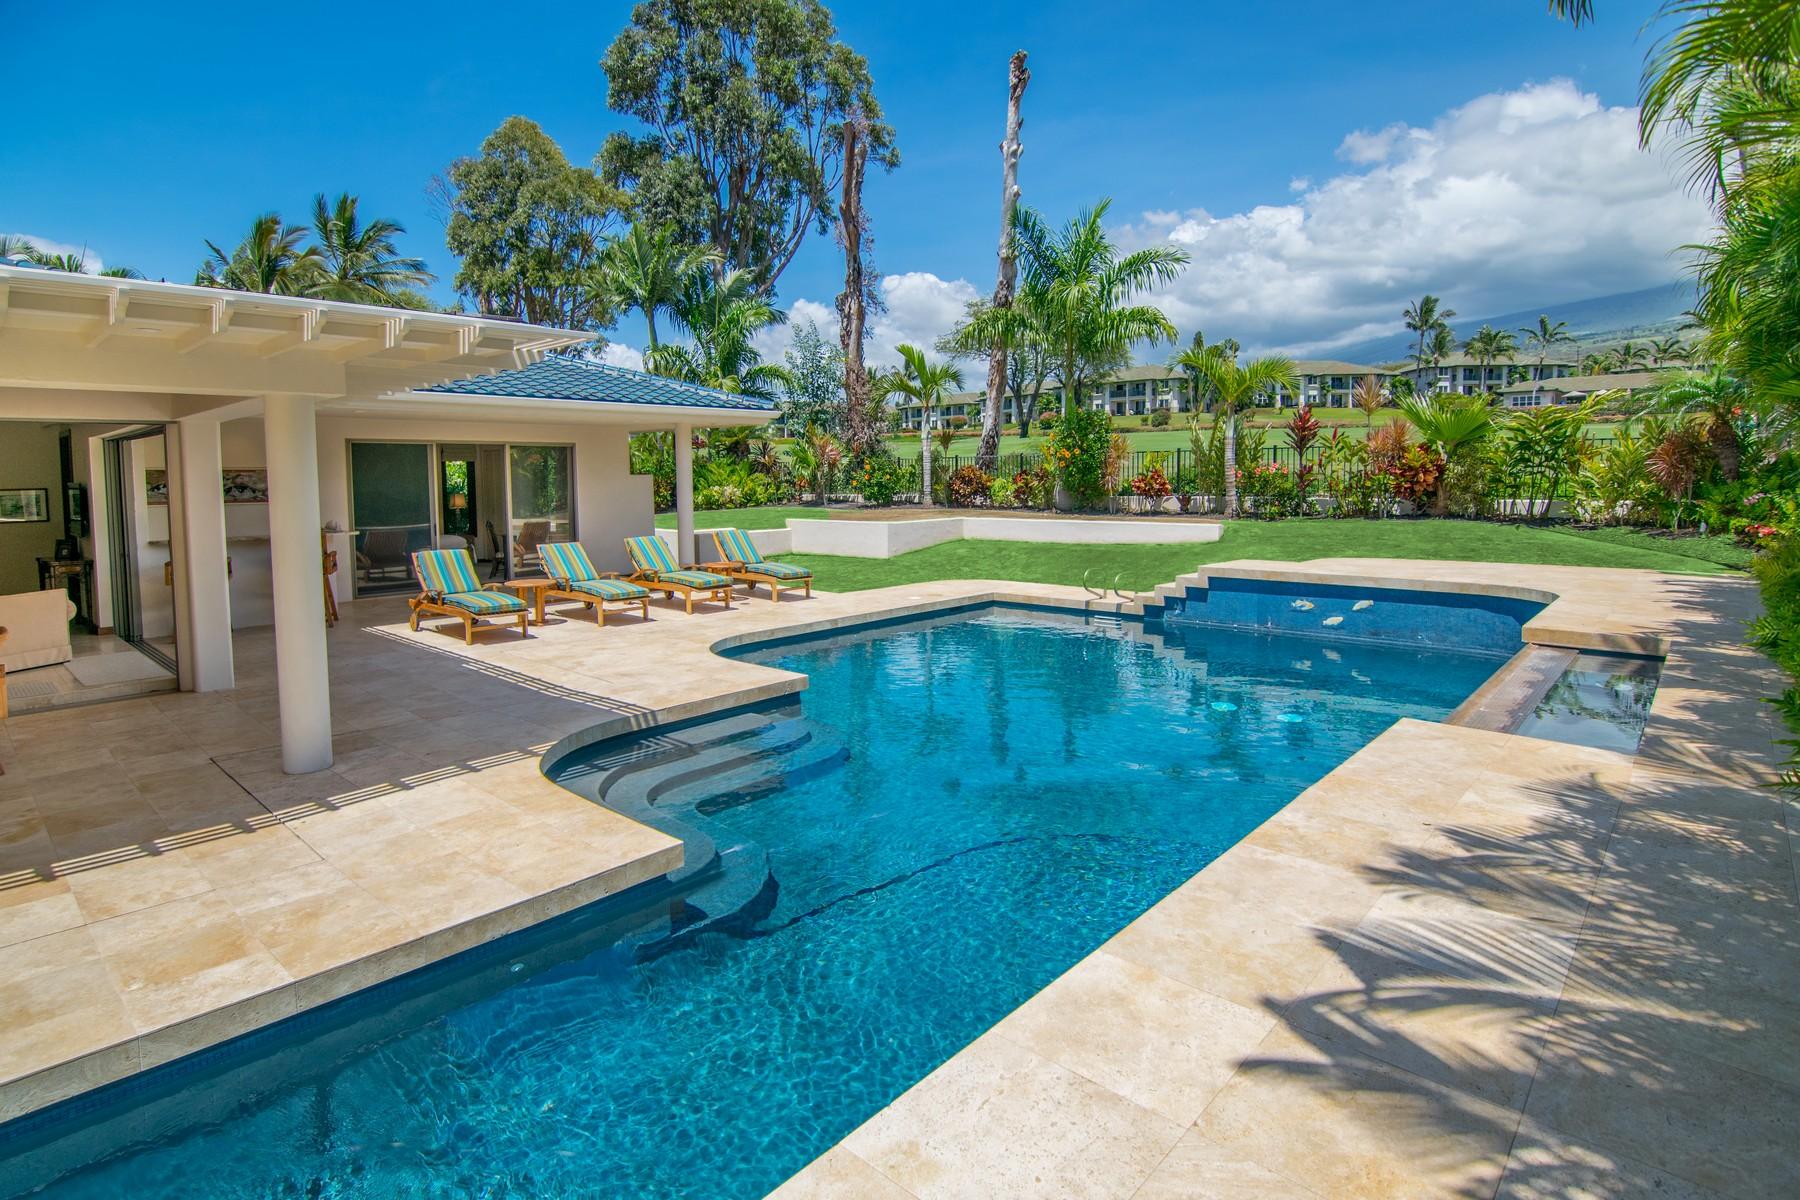 独户住宅 为 销售 在 Wailea Golf Estates Elegance 3913 Wailea Ekolu Place Wailea, 夏威夷 96753 美国